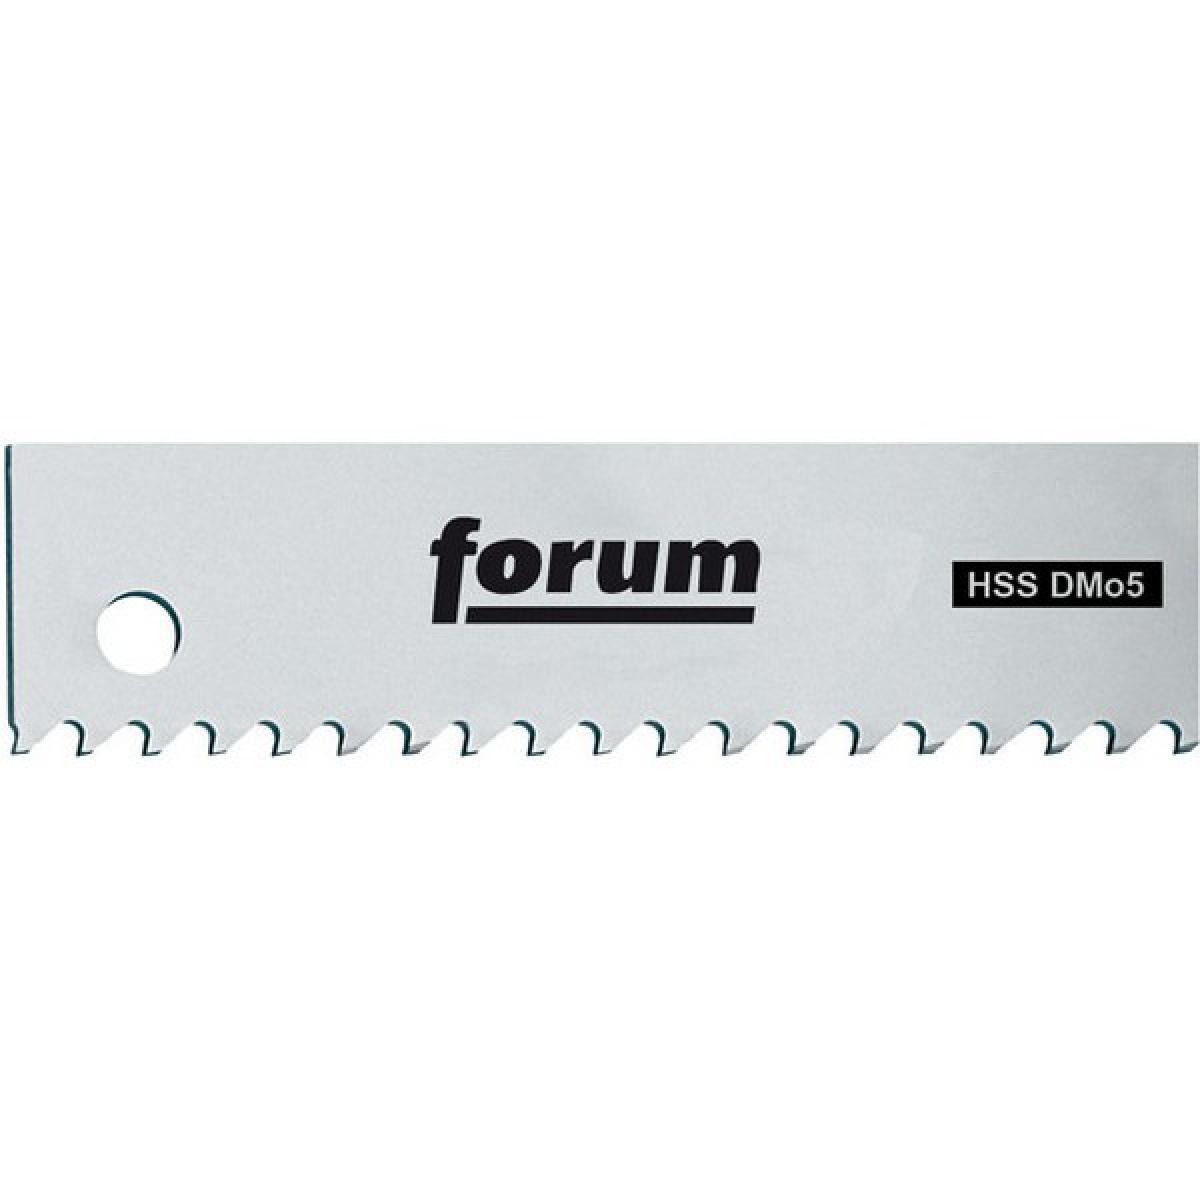 Forum Lame de scie alternative, Long. : 500 mm, Larg. : 50 mm, Épais. : 2,5 mm, Dents par pouce : 6